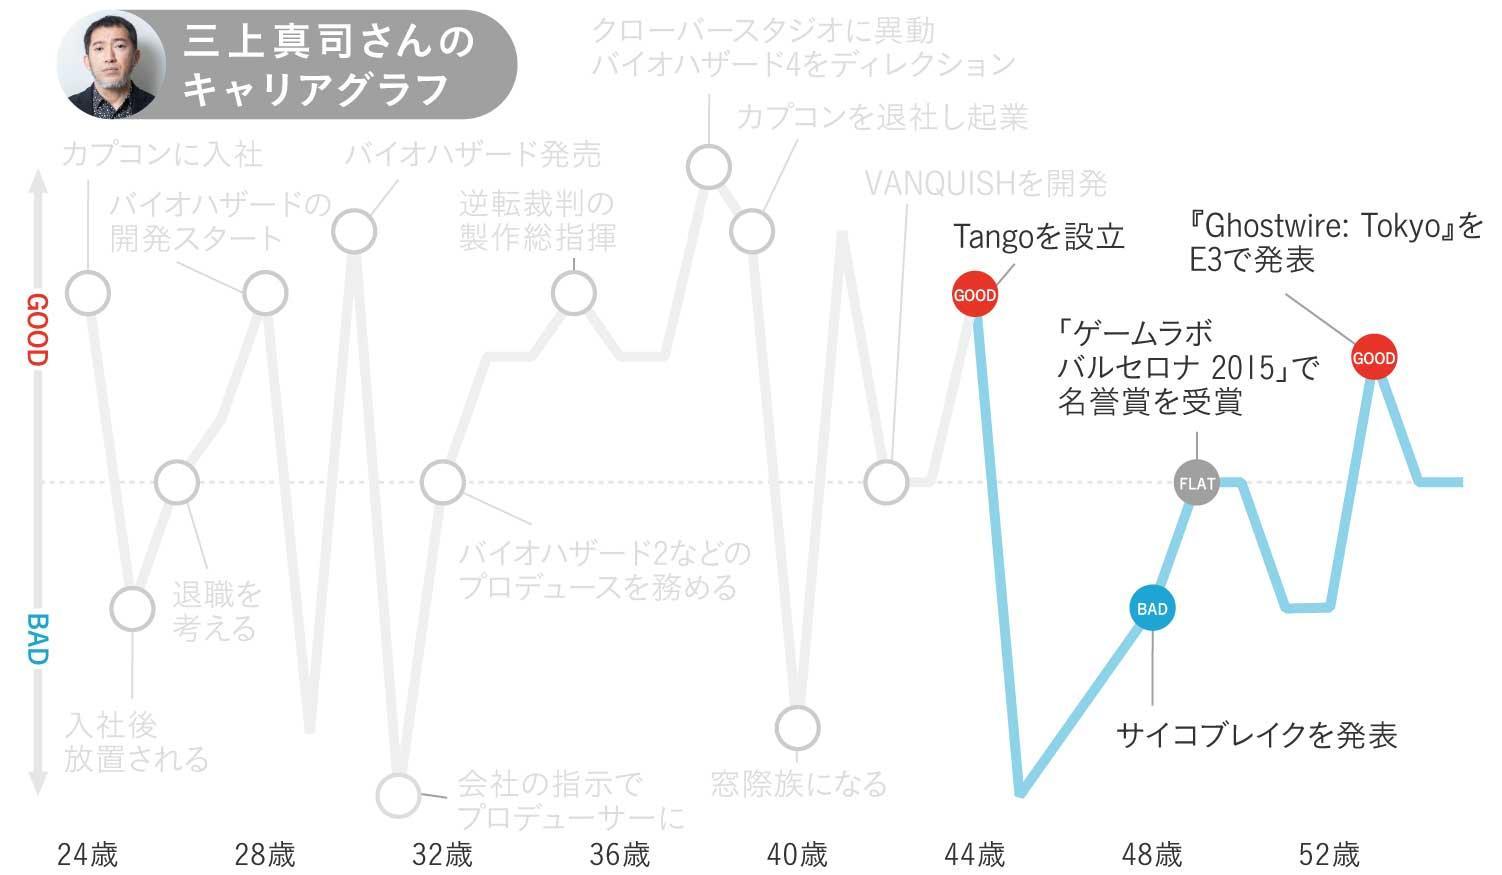 三上真司さんのキャリアグラフ4